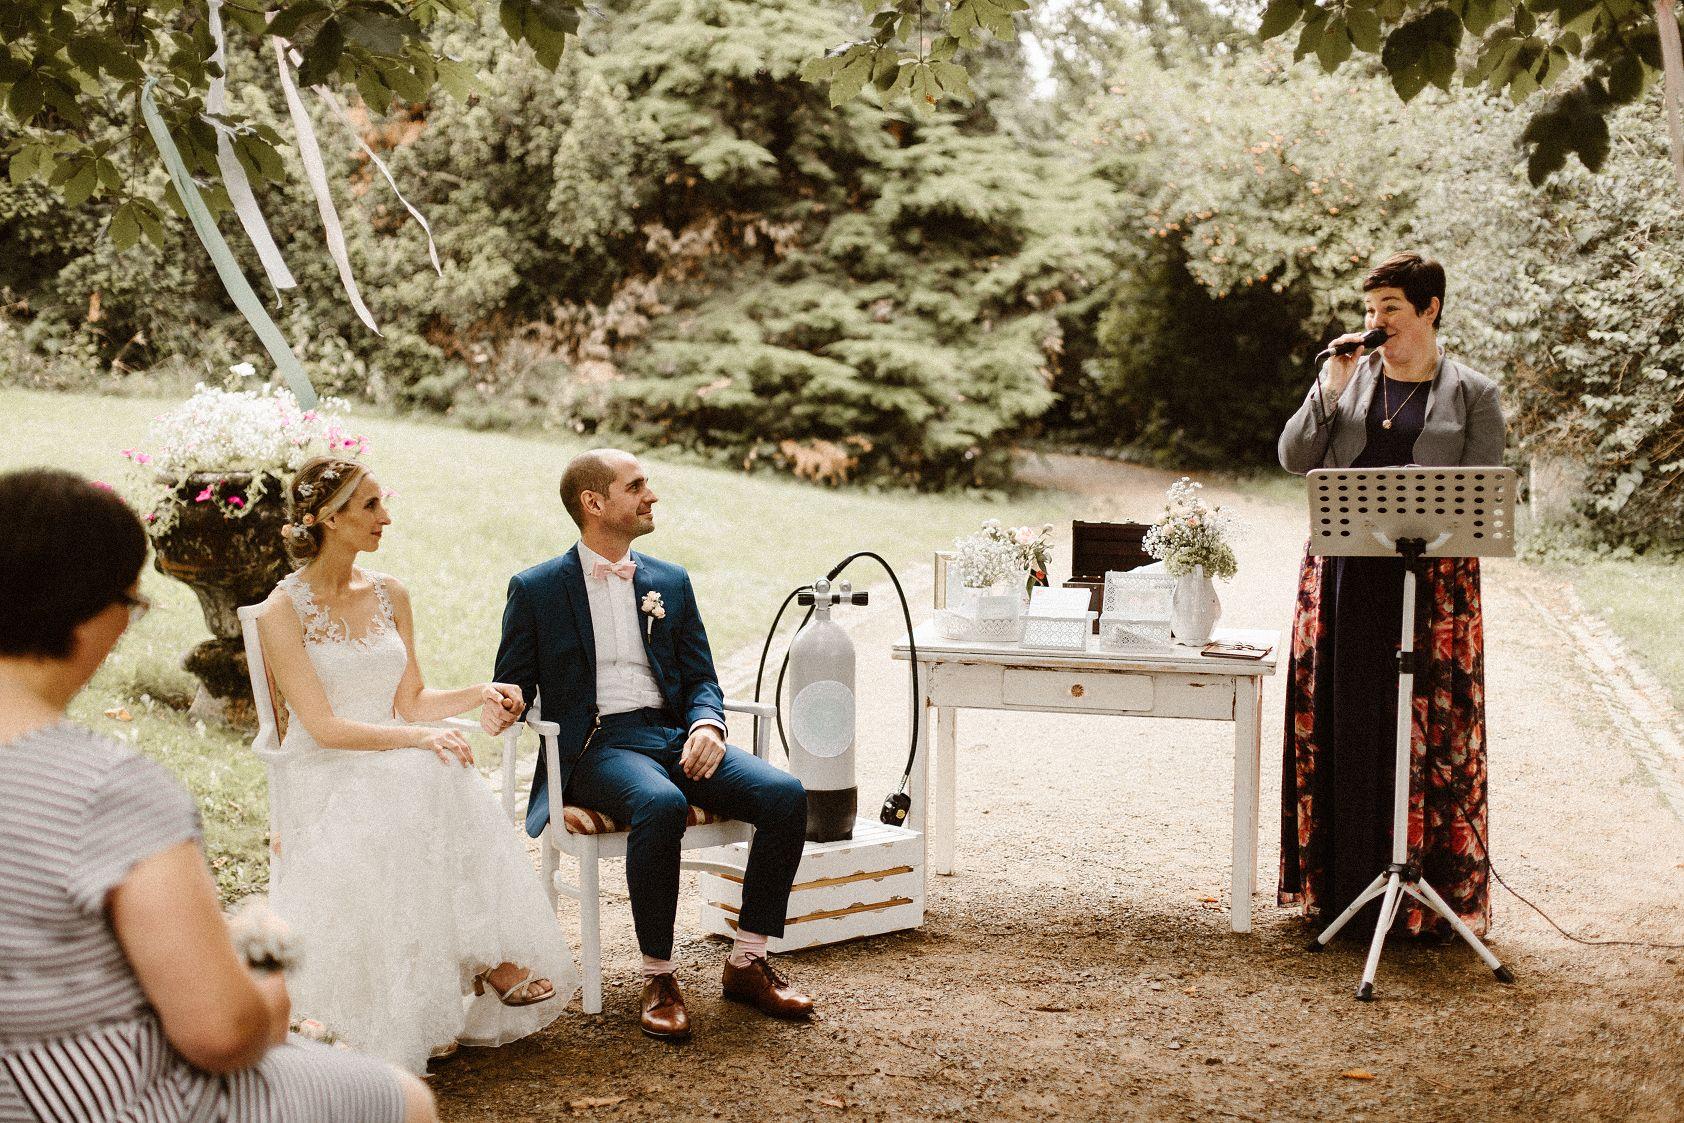 Lisa & Tim - Du hast die Trauung - das Herzstück jeder Hochzeit - zu etwas ganz Besonderem gemacht. Du hast eine unnachahmliche Gabe(Liebes-)Geschichten zu erzählen und dabei genau die Dinge herauszustellen, die die Liebe zweier Menschen zu etwas Einzigartigem macht. Dafür sind wir dir unendlich dankbar, denn wir hätten uns niemand Besseren für diesen wichtigen Teil unserer Hochzeit wünschen können. Und all unsere Gäste schwärmen noch heute von dir als Mensch mit deiner herzlichen Art und wie du damit die Trauung gestaltet hast und unsere Liebe füreinander gezeigt hast. Im Alltag sagt man sich ja oft nicht was genau man an dem Anderen liebt und wofür man dankbar ist. Die Gespräche mit dir waren wie Zauberpapier, du hast sichtbar gemacht was wir in unserem Inneren fühlen und was wir selbst so vielleicht nie gesehen haben, weil es zwar da war, aber eben unsichtbar -besonders dafür möchten wir dir von Herzen danken!